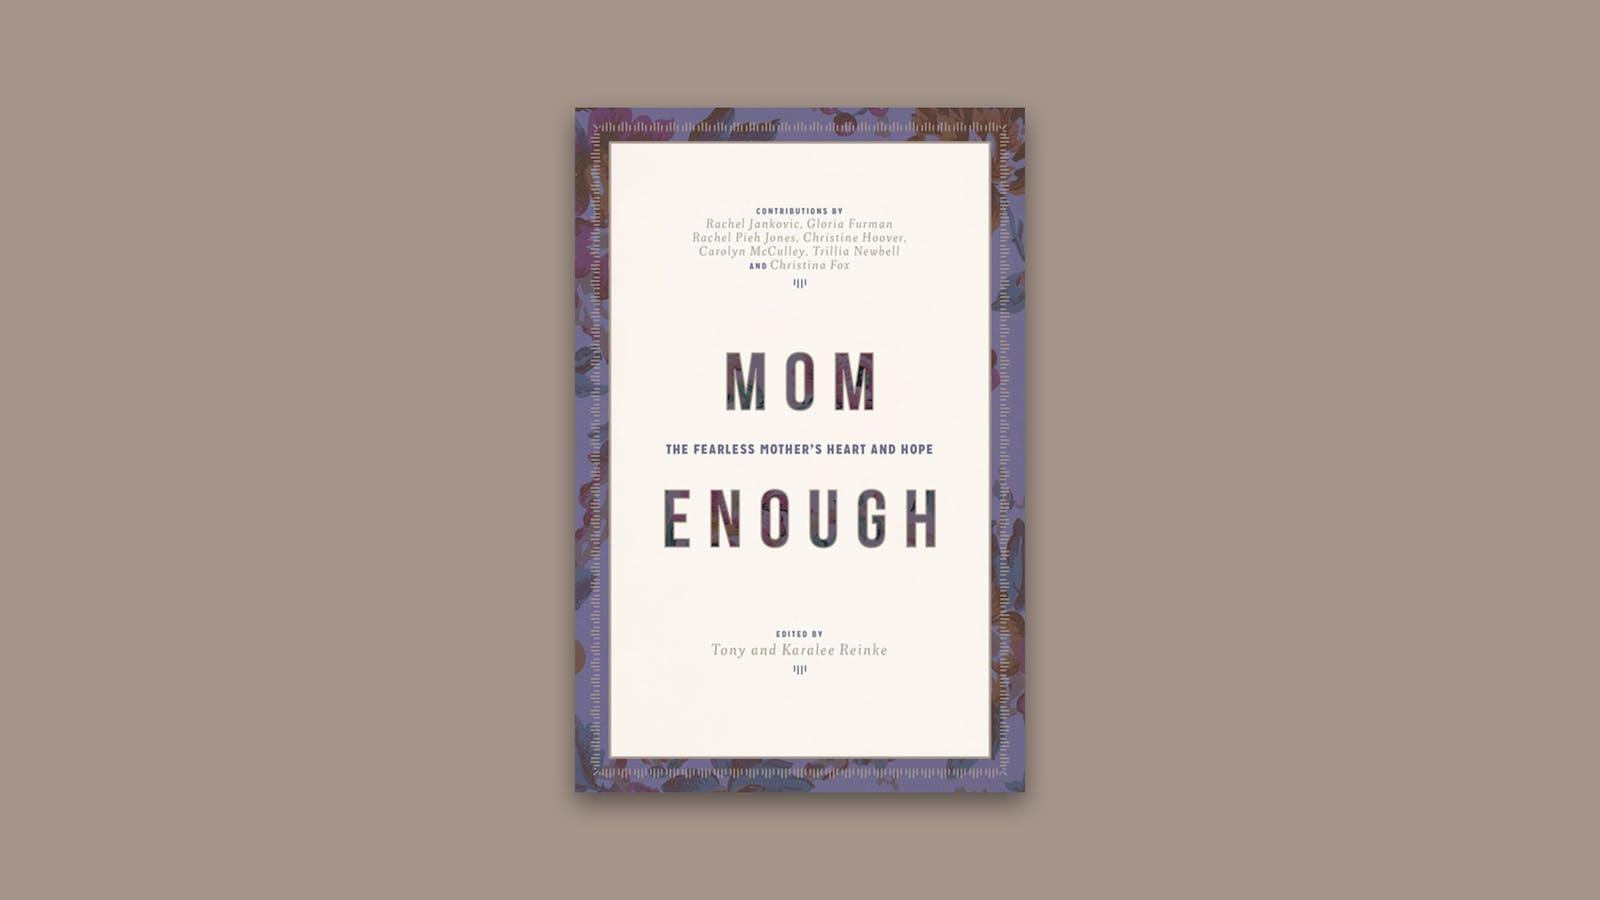 Mom Enough | Desiring God